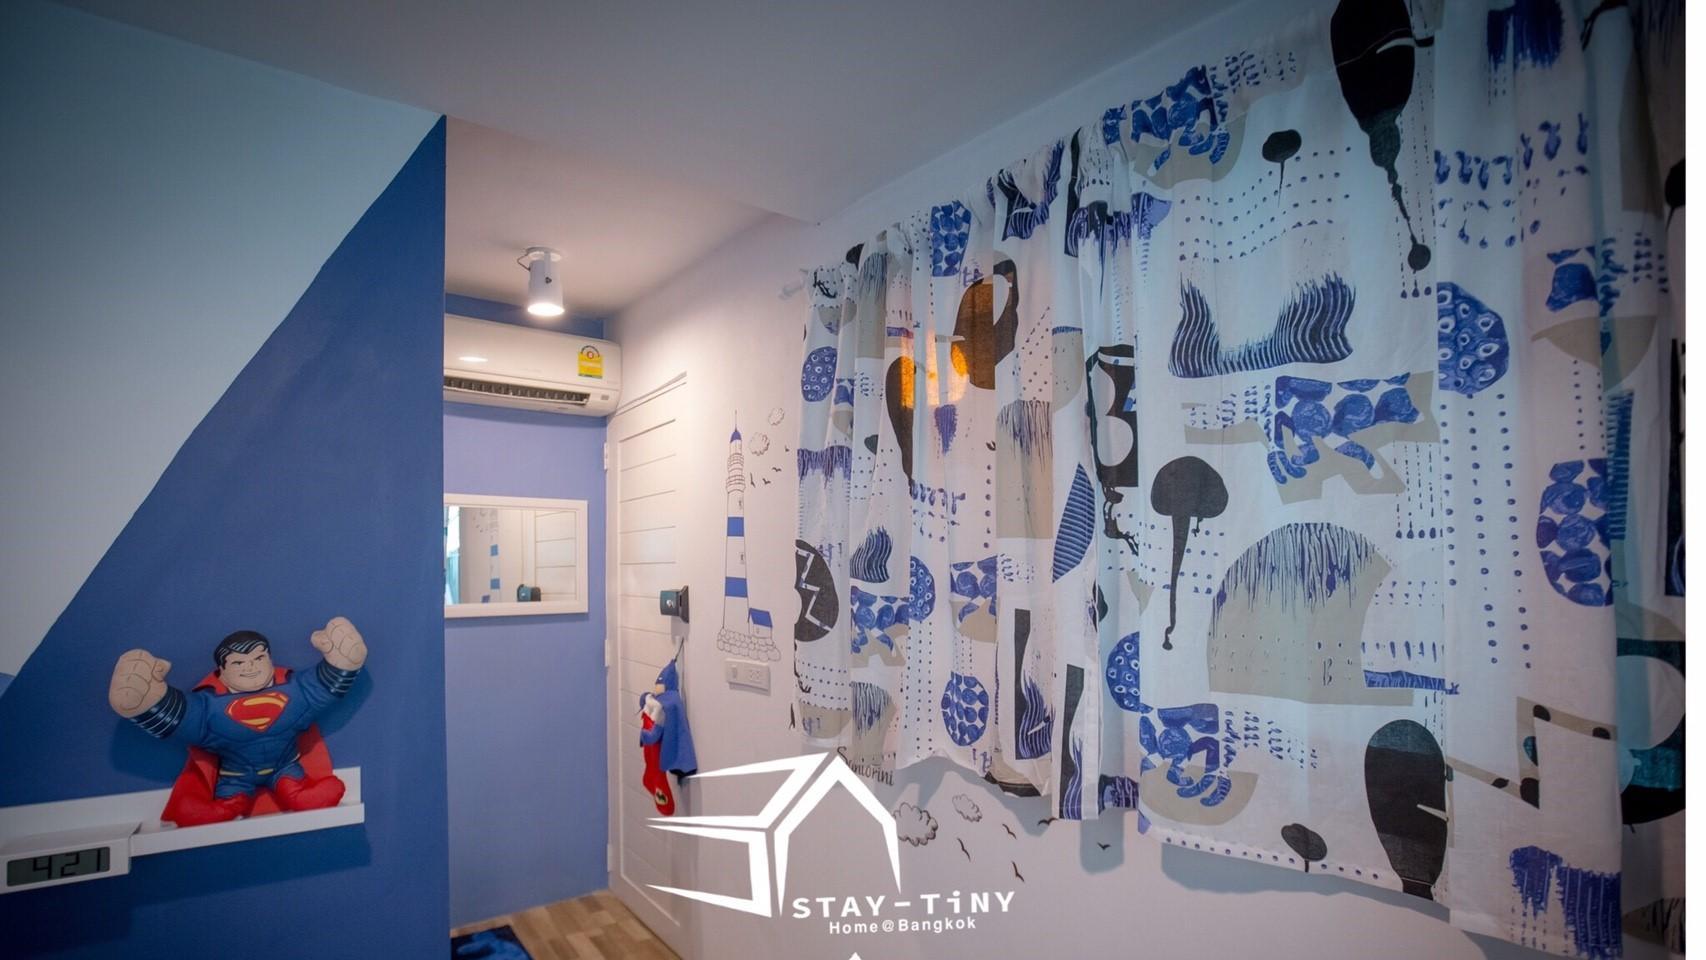 STAY TiNY Home Bangkok Blue Room,STAY TiNY Home Bangkok Blue Room